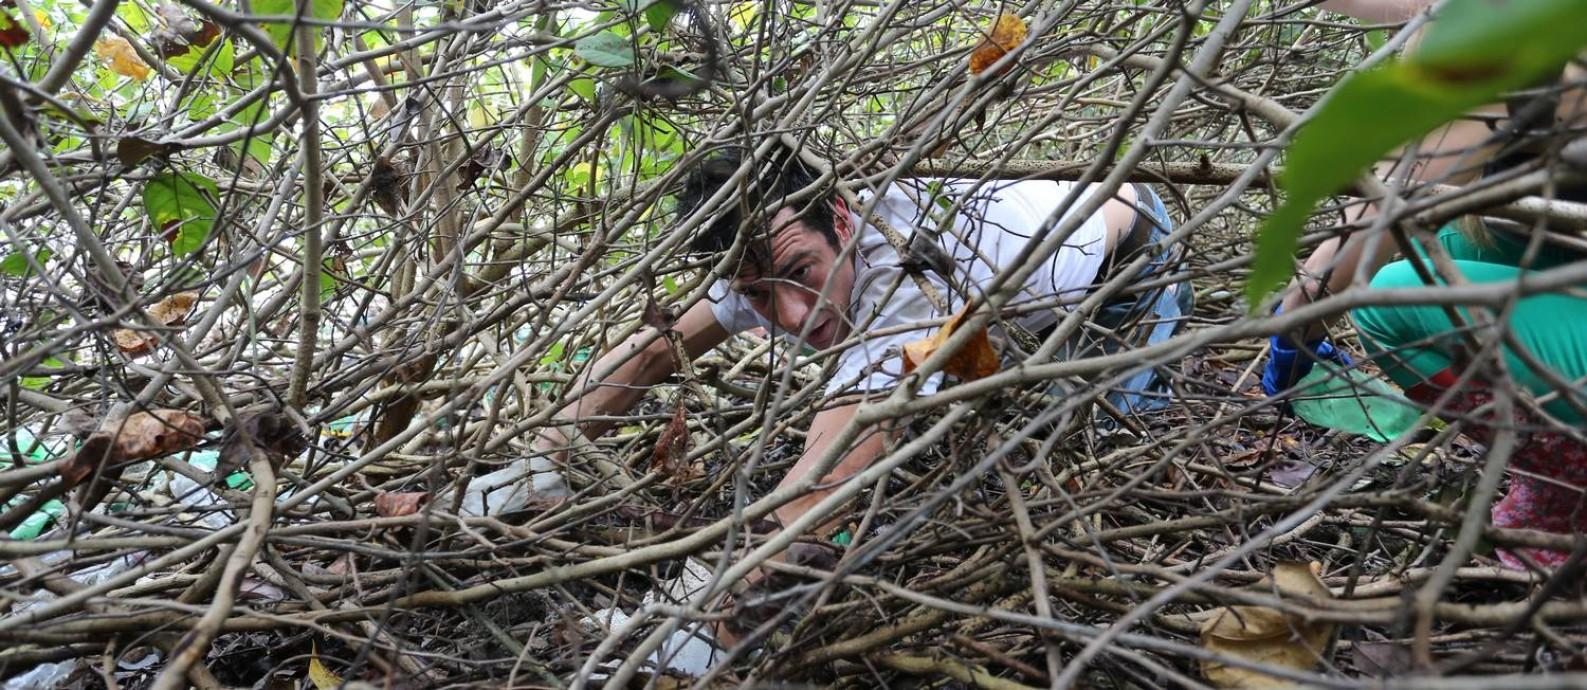 O ator Mateus Solano integra multirão de limpeza da lagoa de Marapendi, na Barra Foto: Marcia Foletto / Marcia Foletto